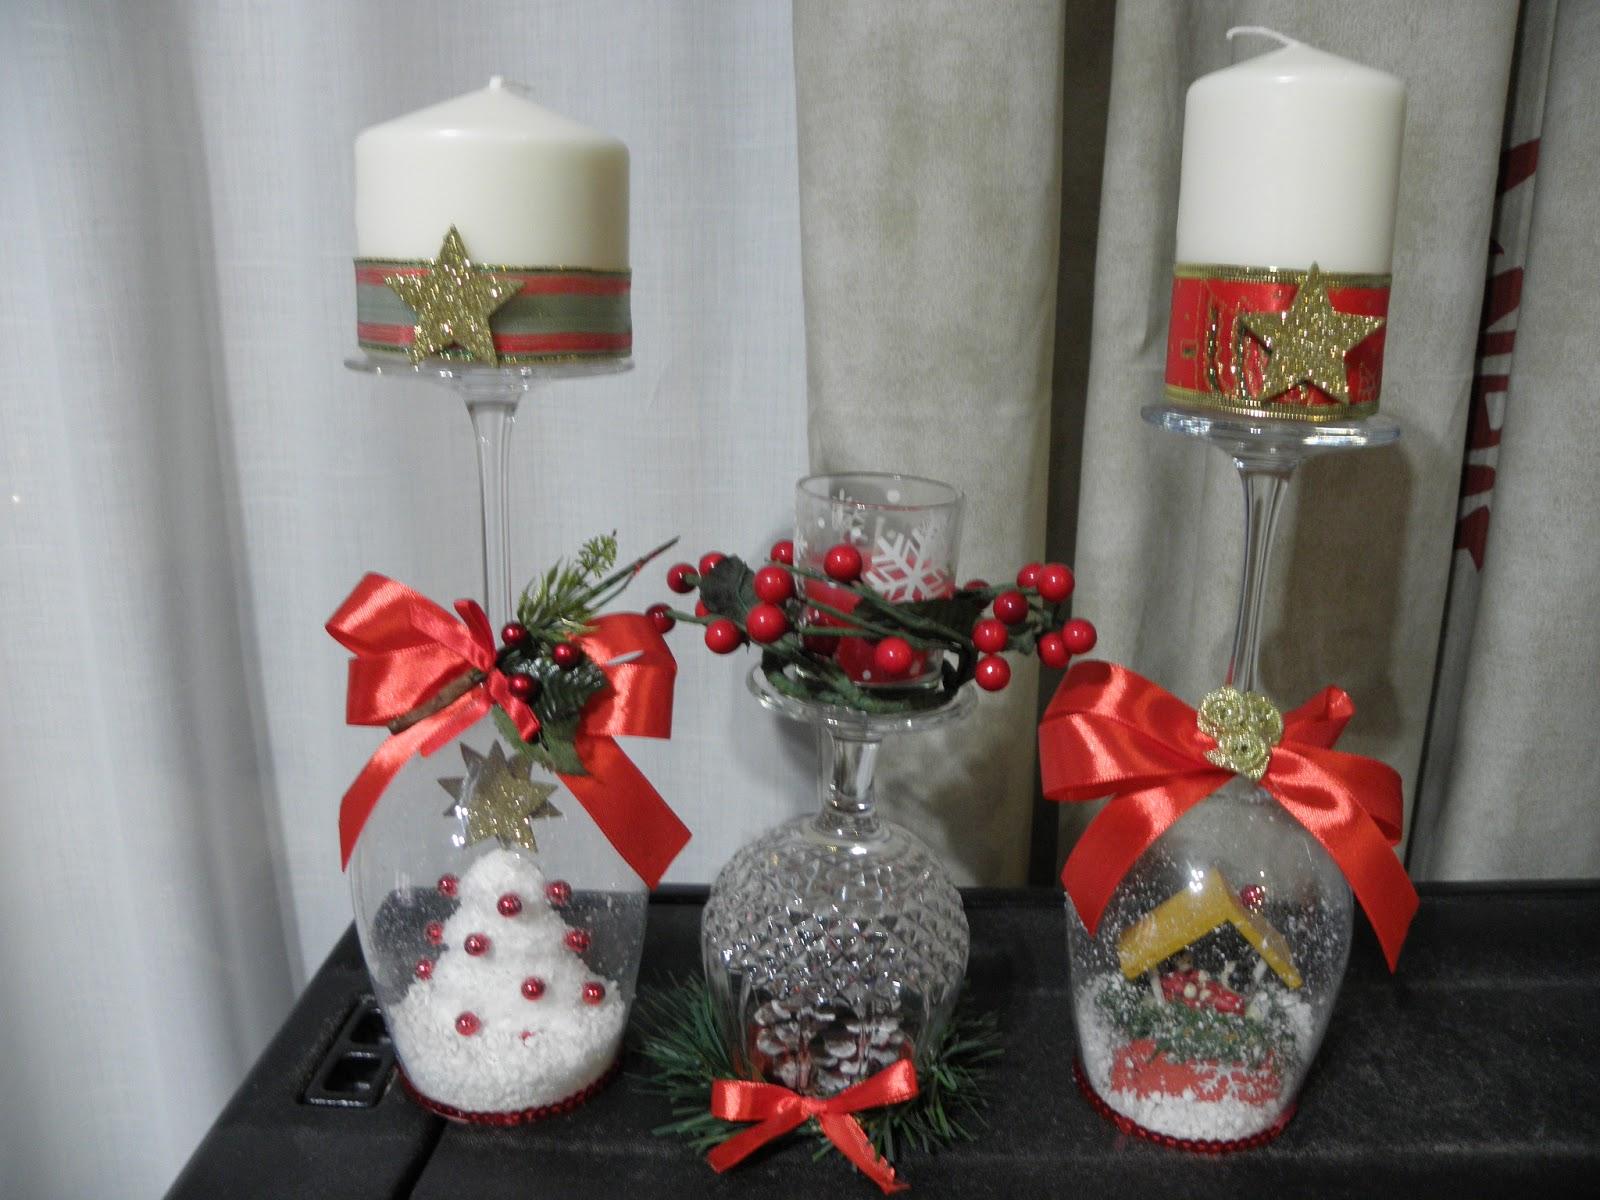 El olor de c diz flores marcos espejos cofres fimo - Copas decoradas con velas ...